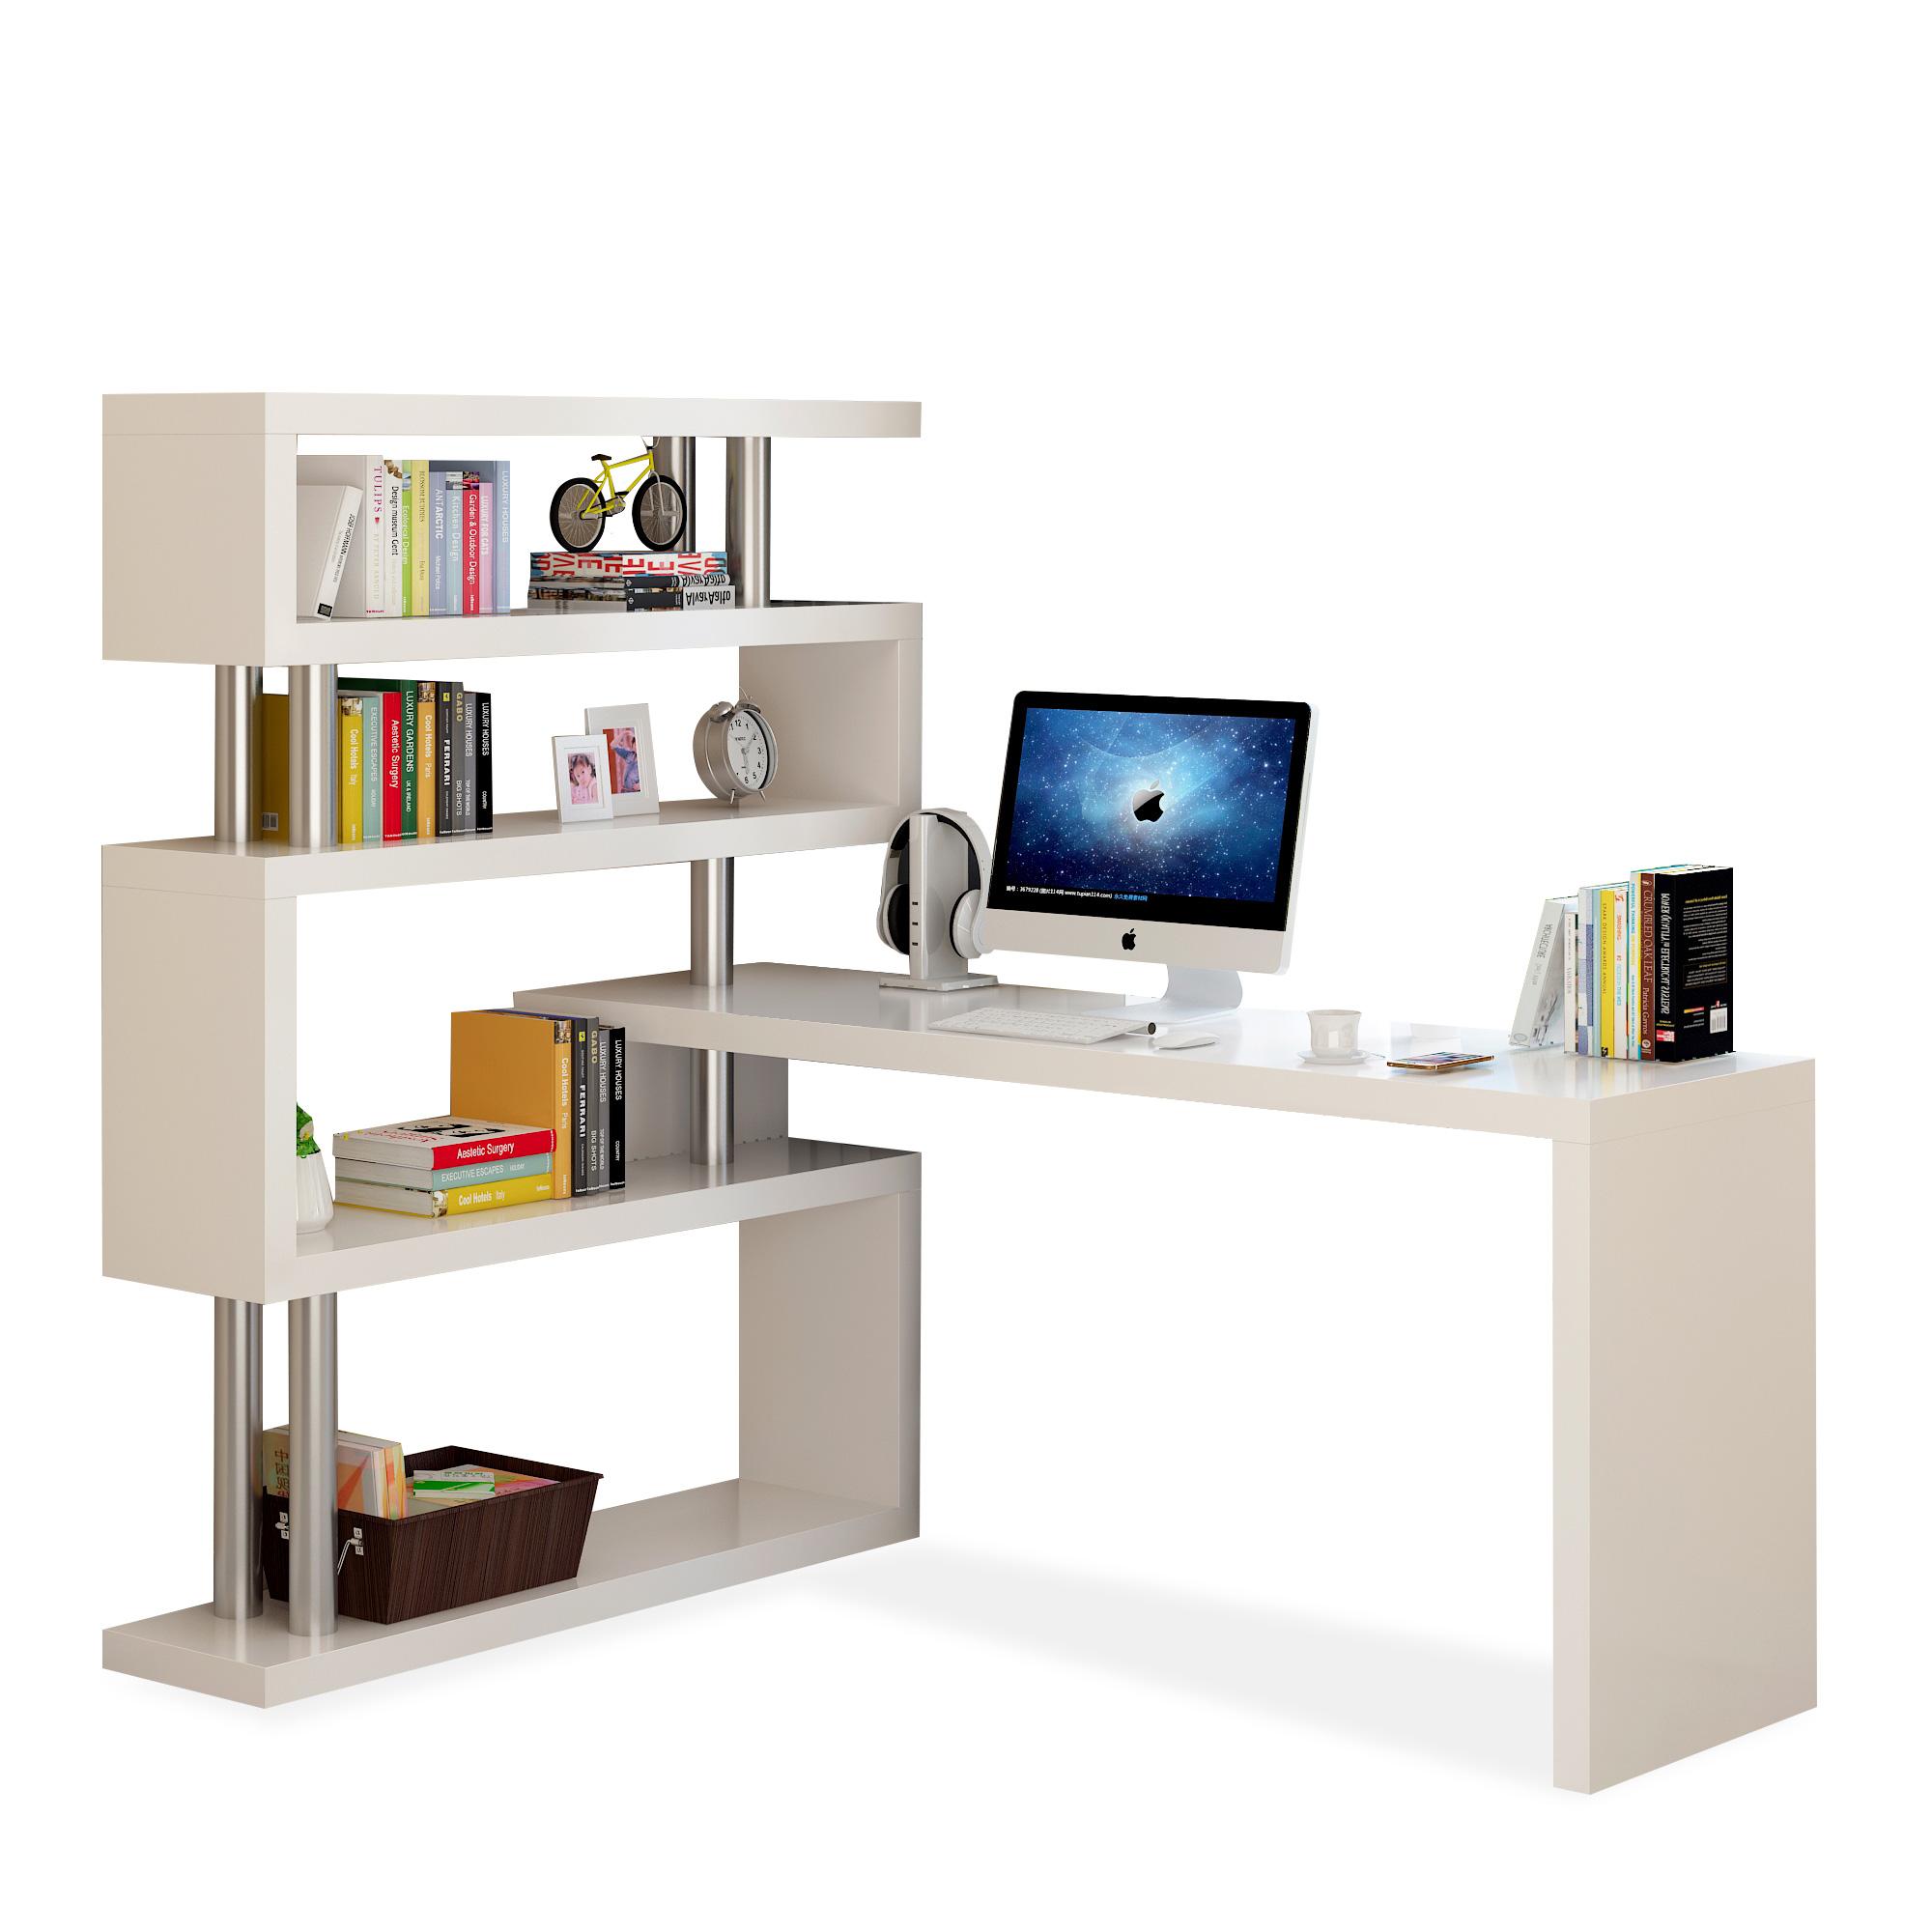 旋转电脑桌转角一体家用办公桌子写字台组合书架书柜简约简易书桌